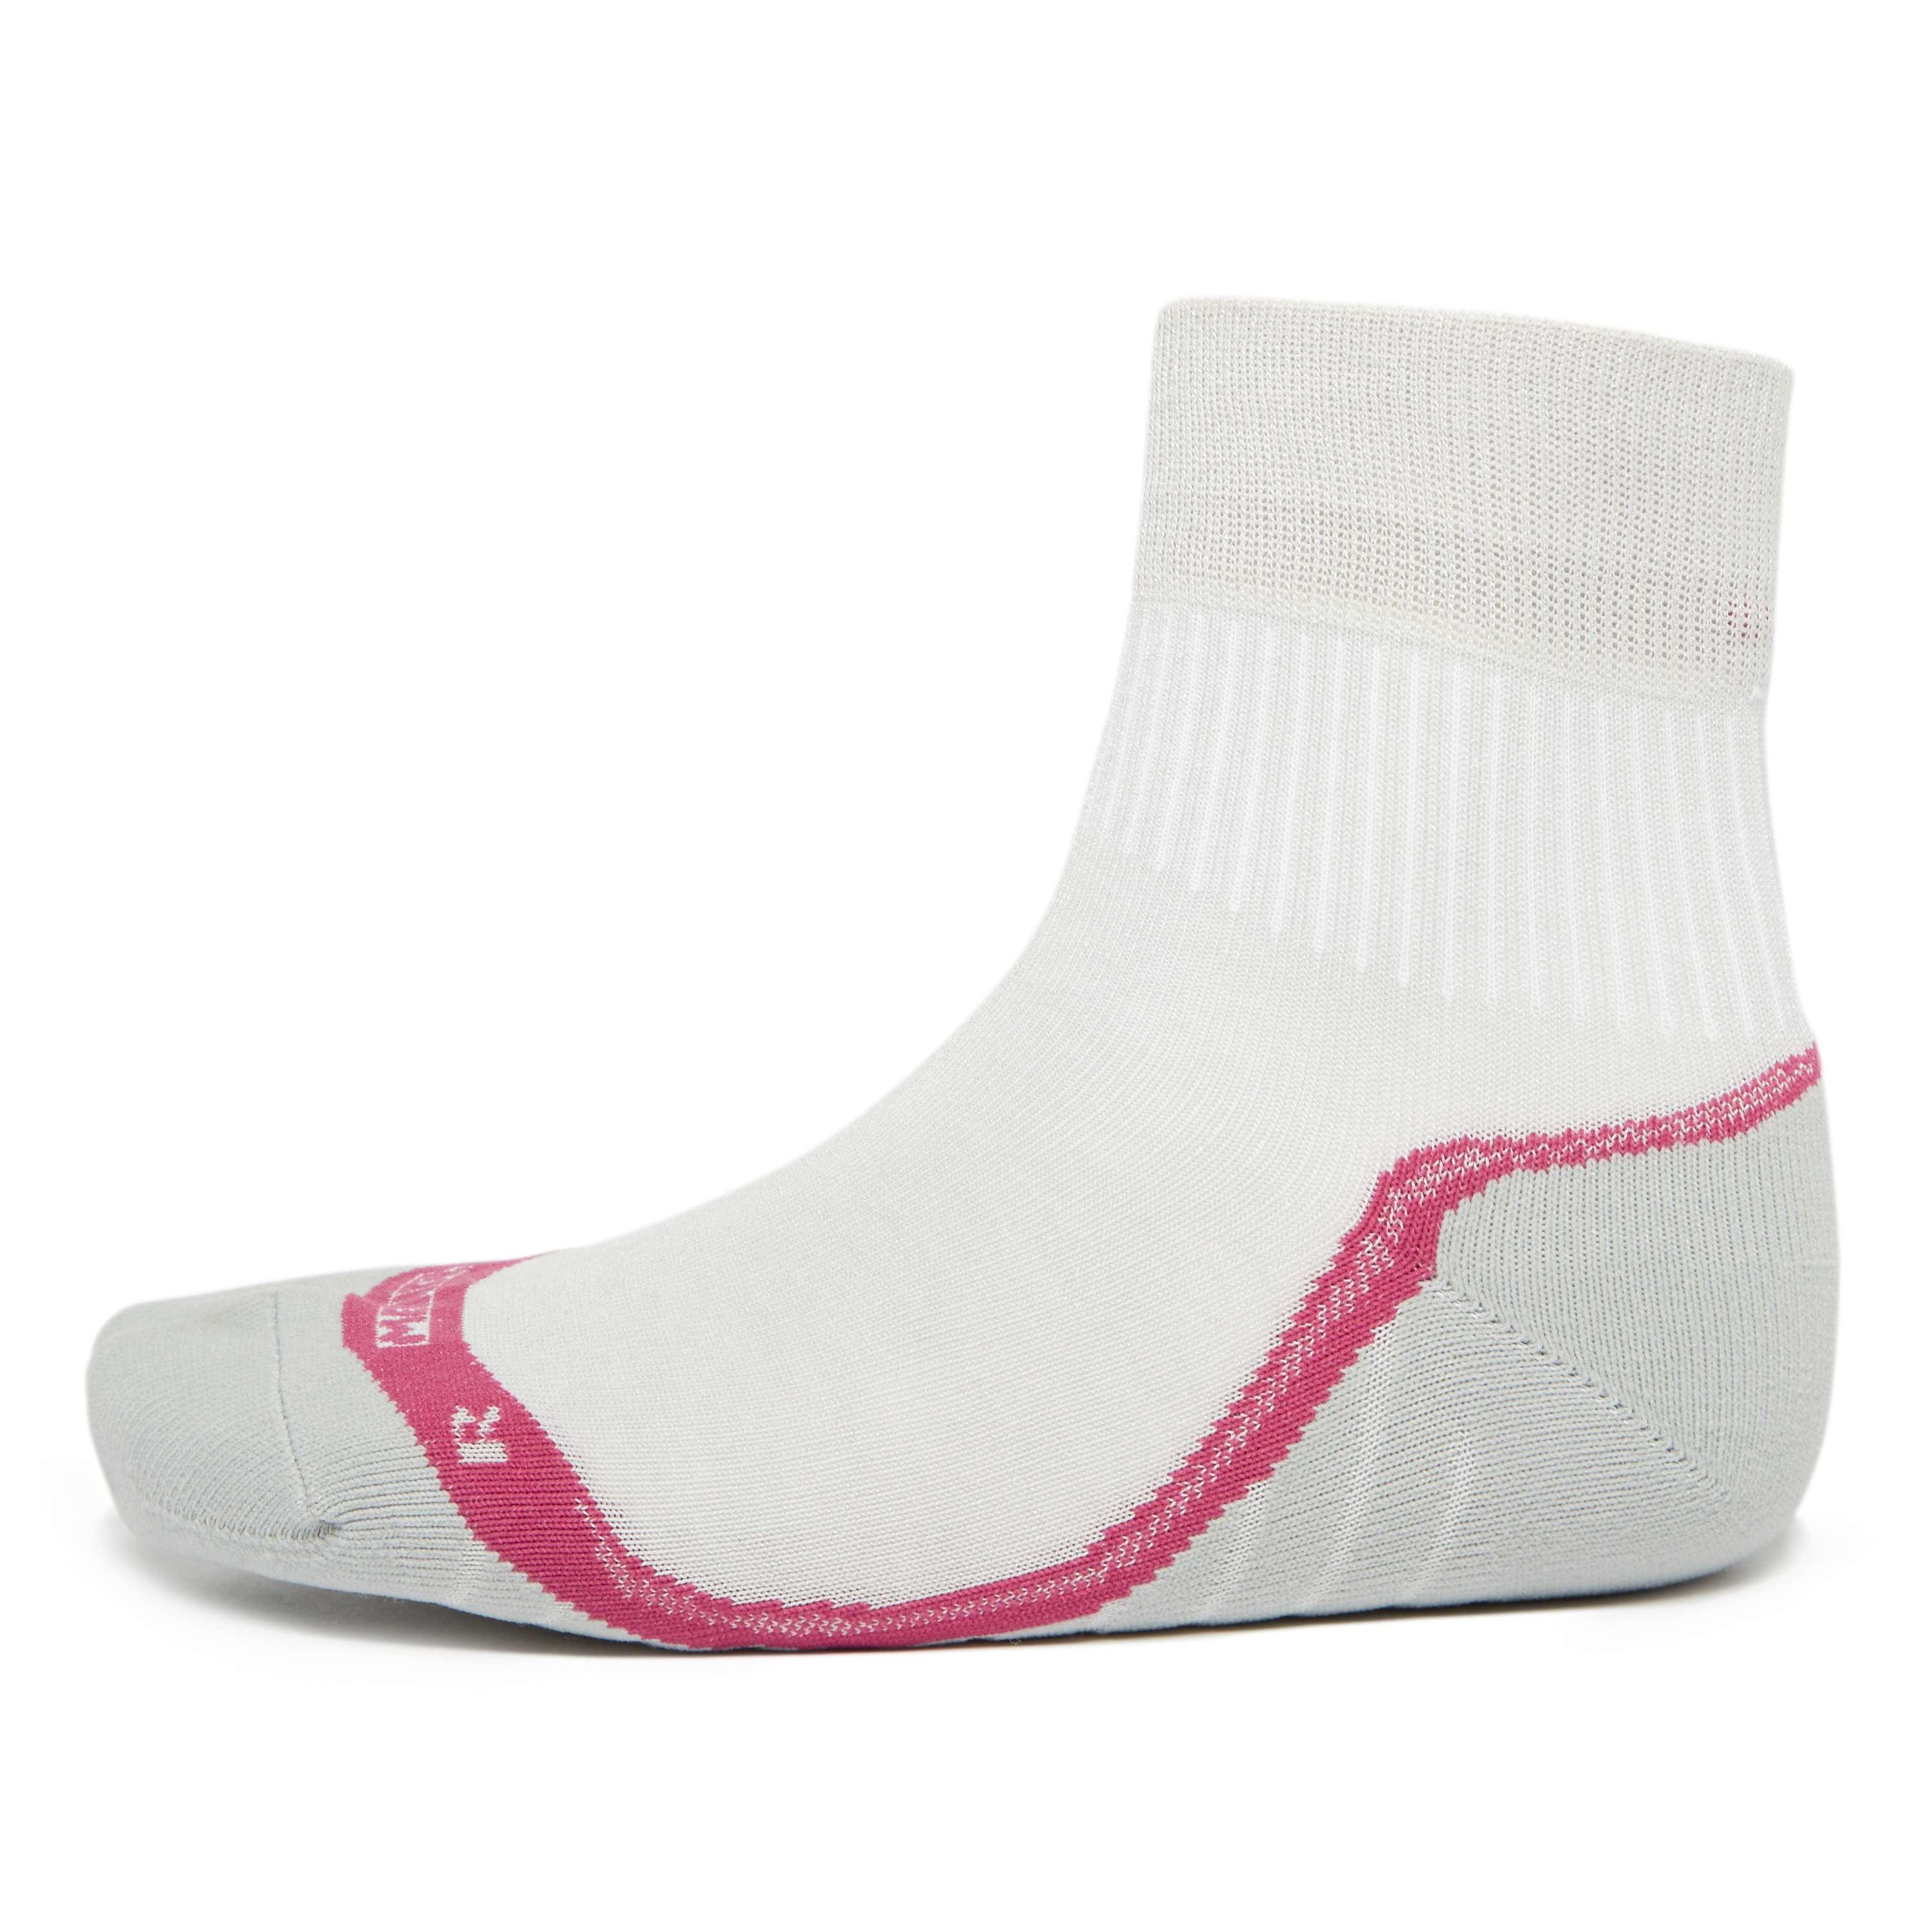 MEINDL Women's Speed Hiking Socks